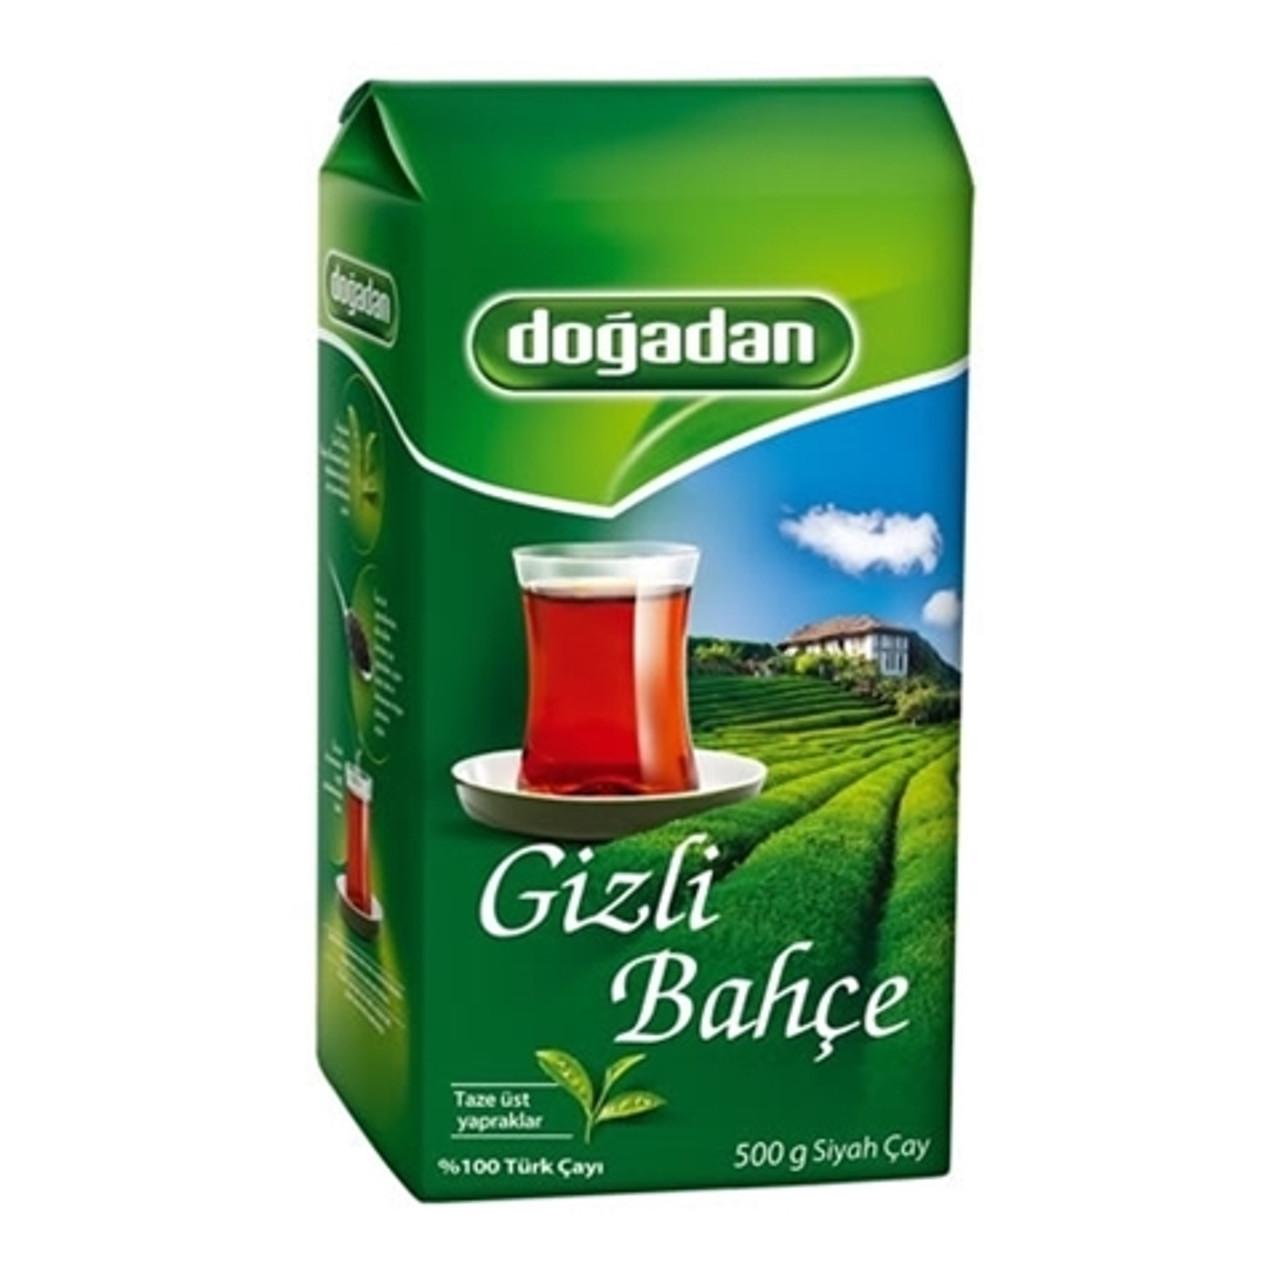 Dogadan Gizli Bahce Turkish Black Tea  500g.